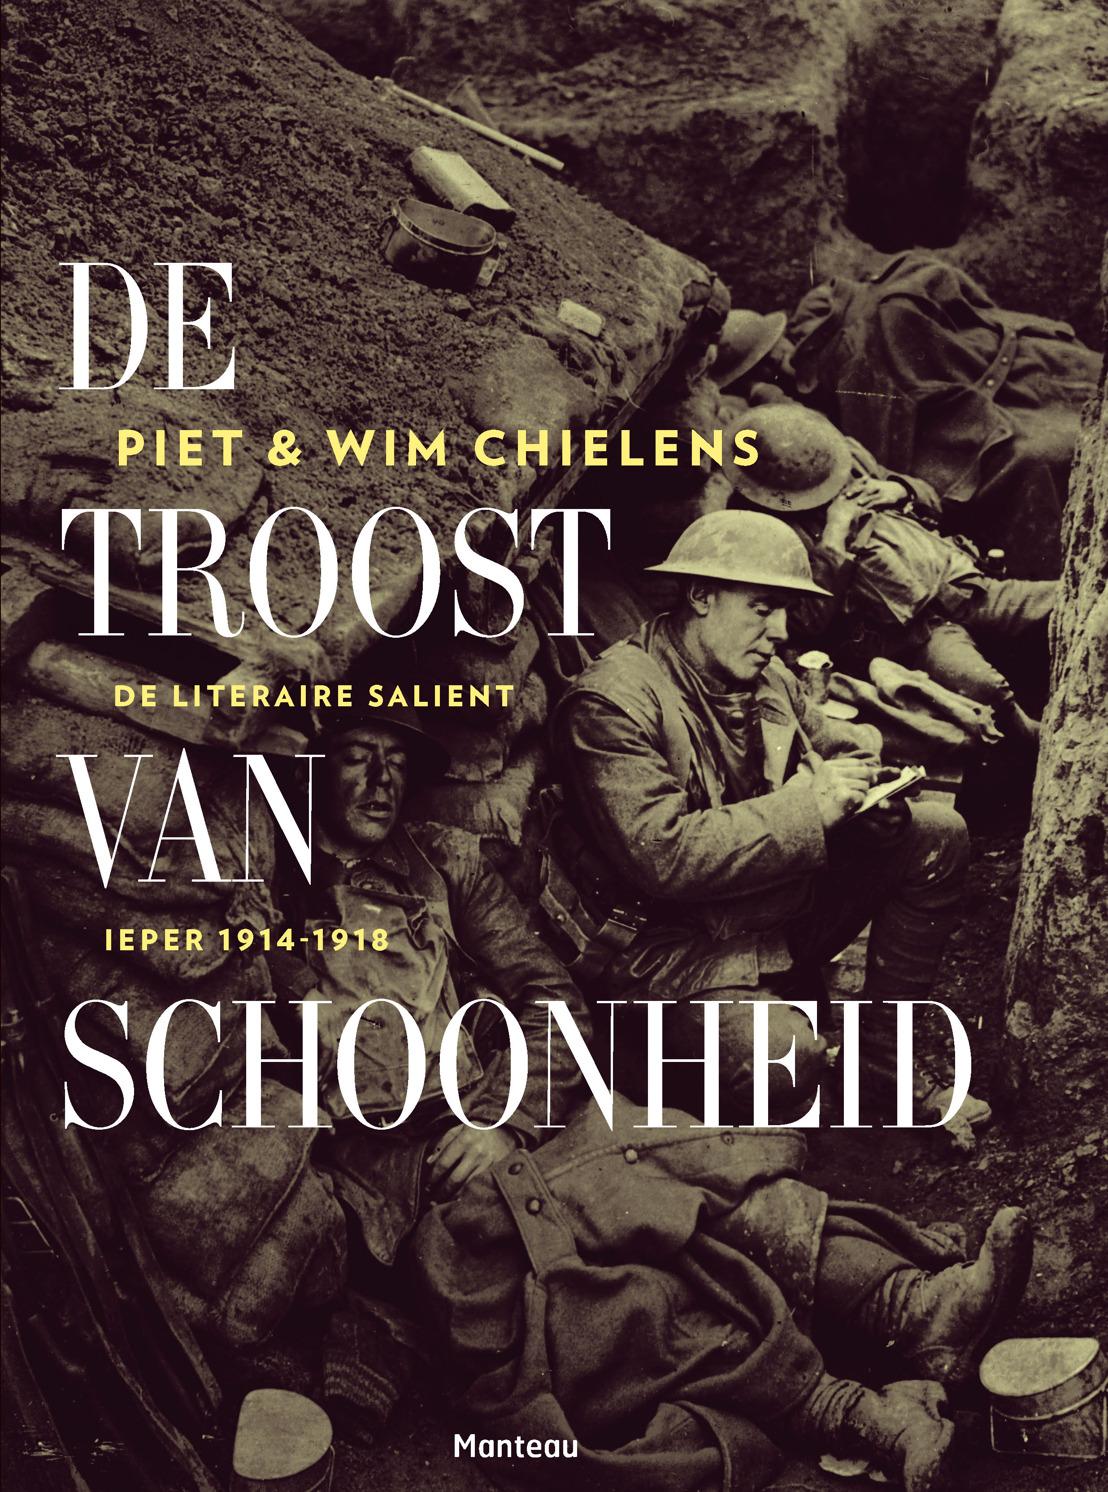 Piet & Wim Chielens - De troost van schoonheid. De literaire salient, Ieper 1914-1918